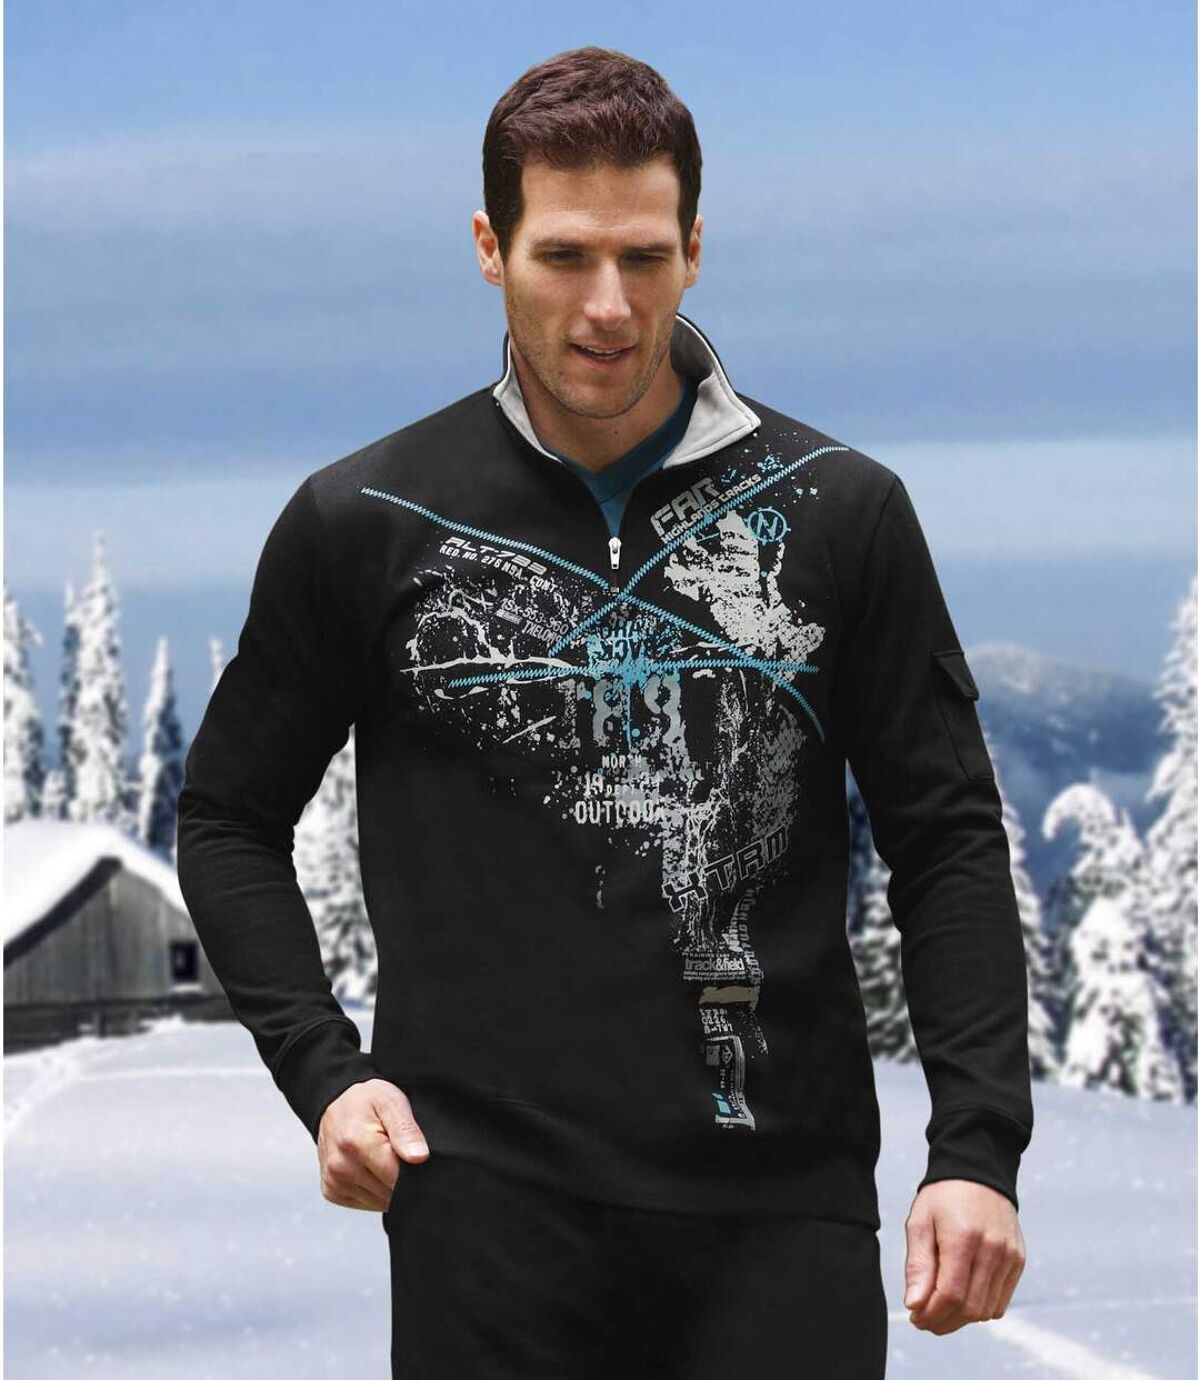 Molton-Sweatshirt Atlas For Men